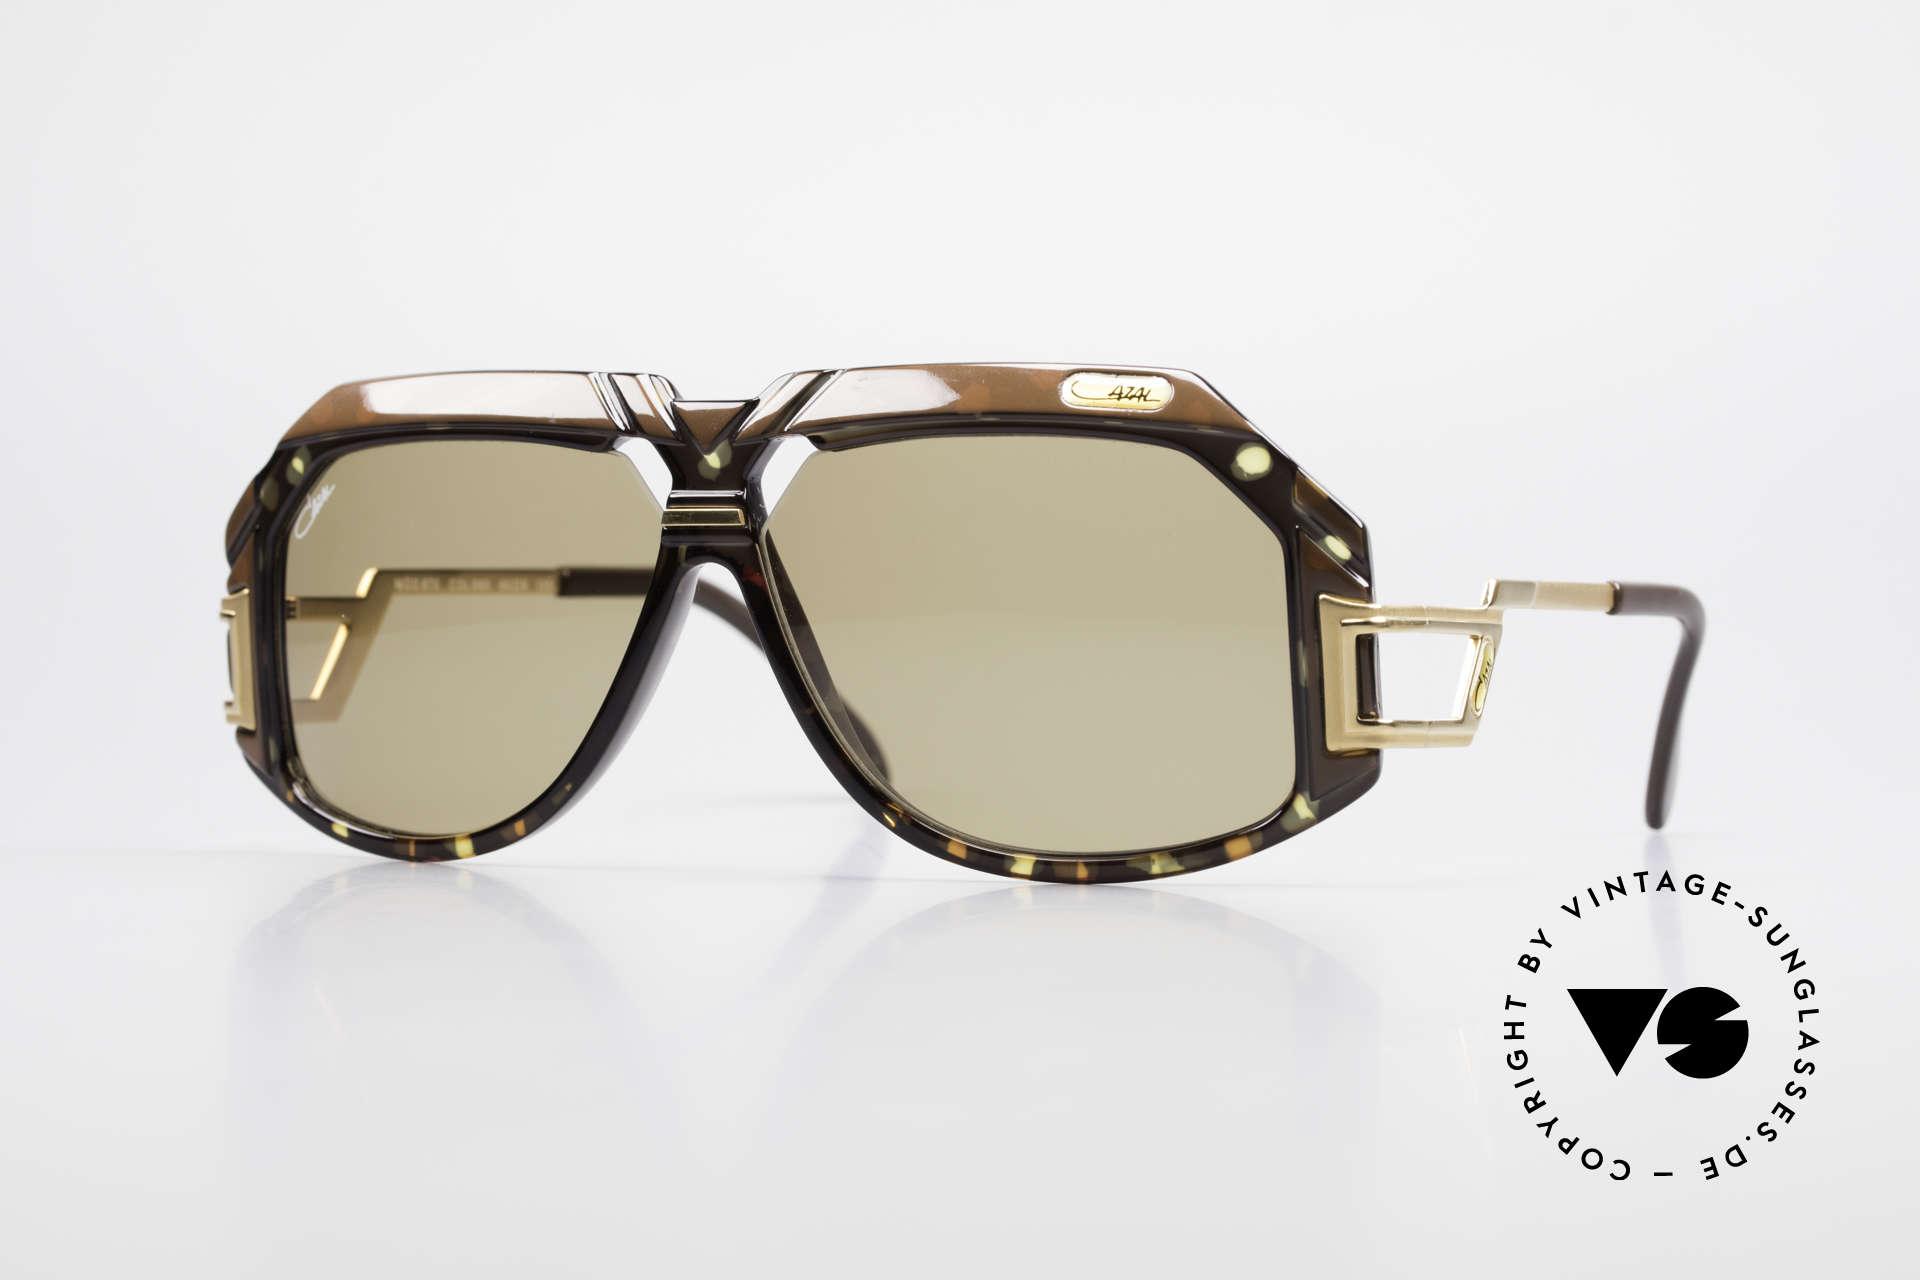 Cazal 870 Seltene 80er Designerbrille, extrem seltene Cazal DesignerSonnenbrille von 1988, Passend für Herren und Damen